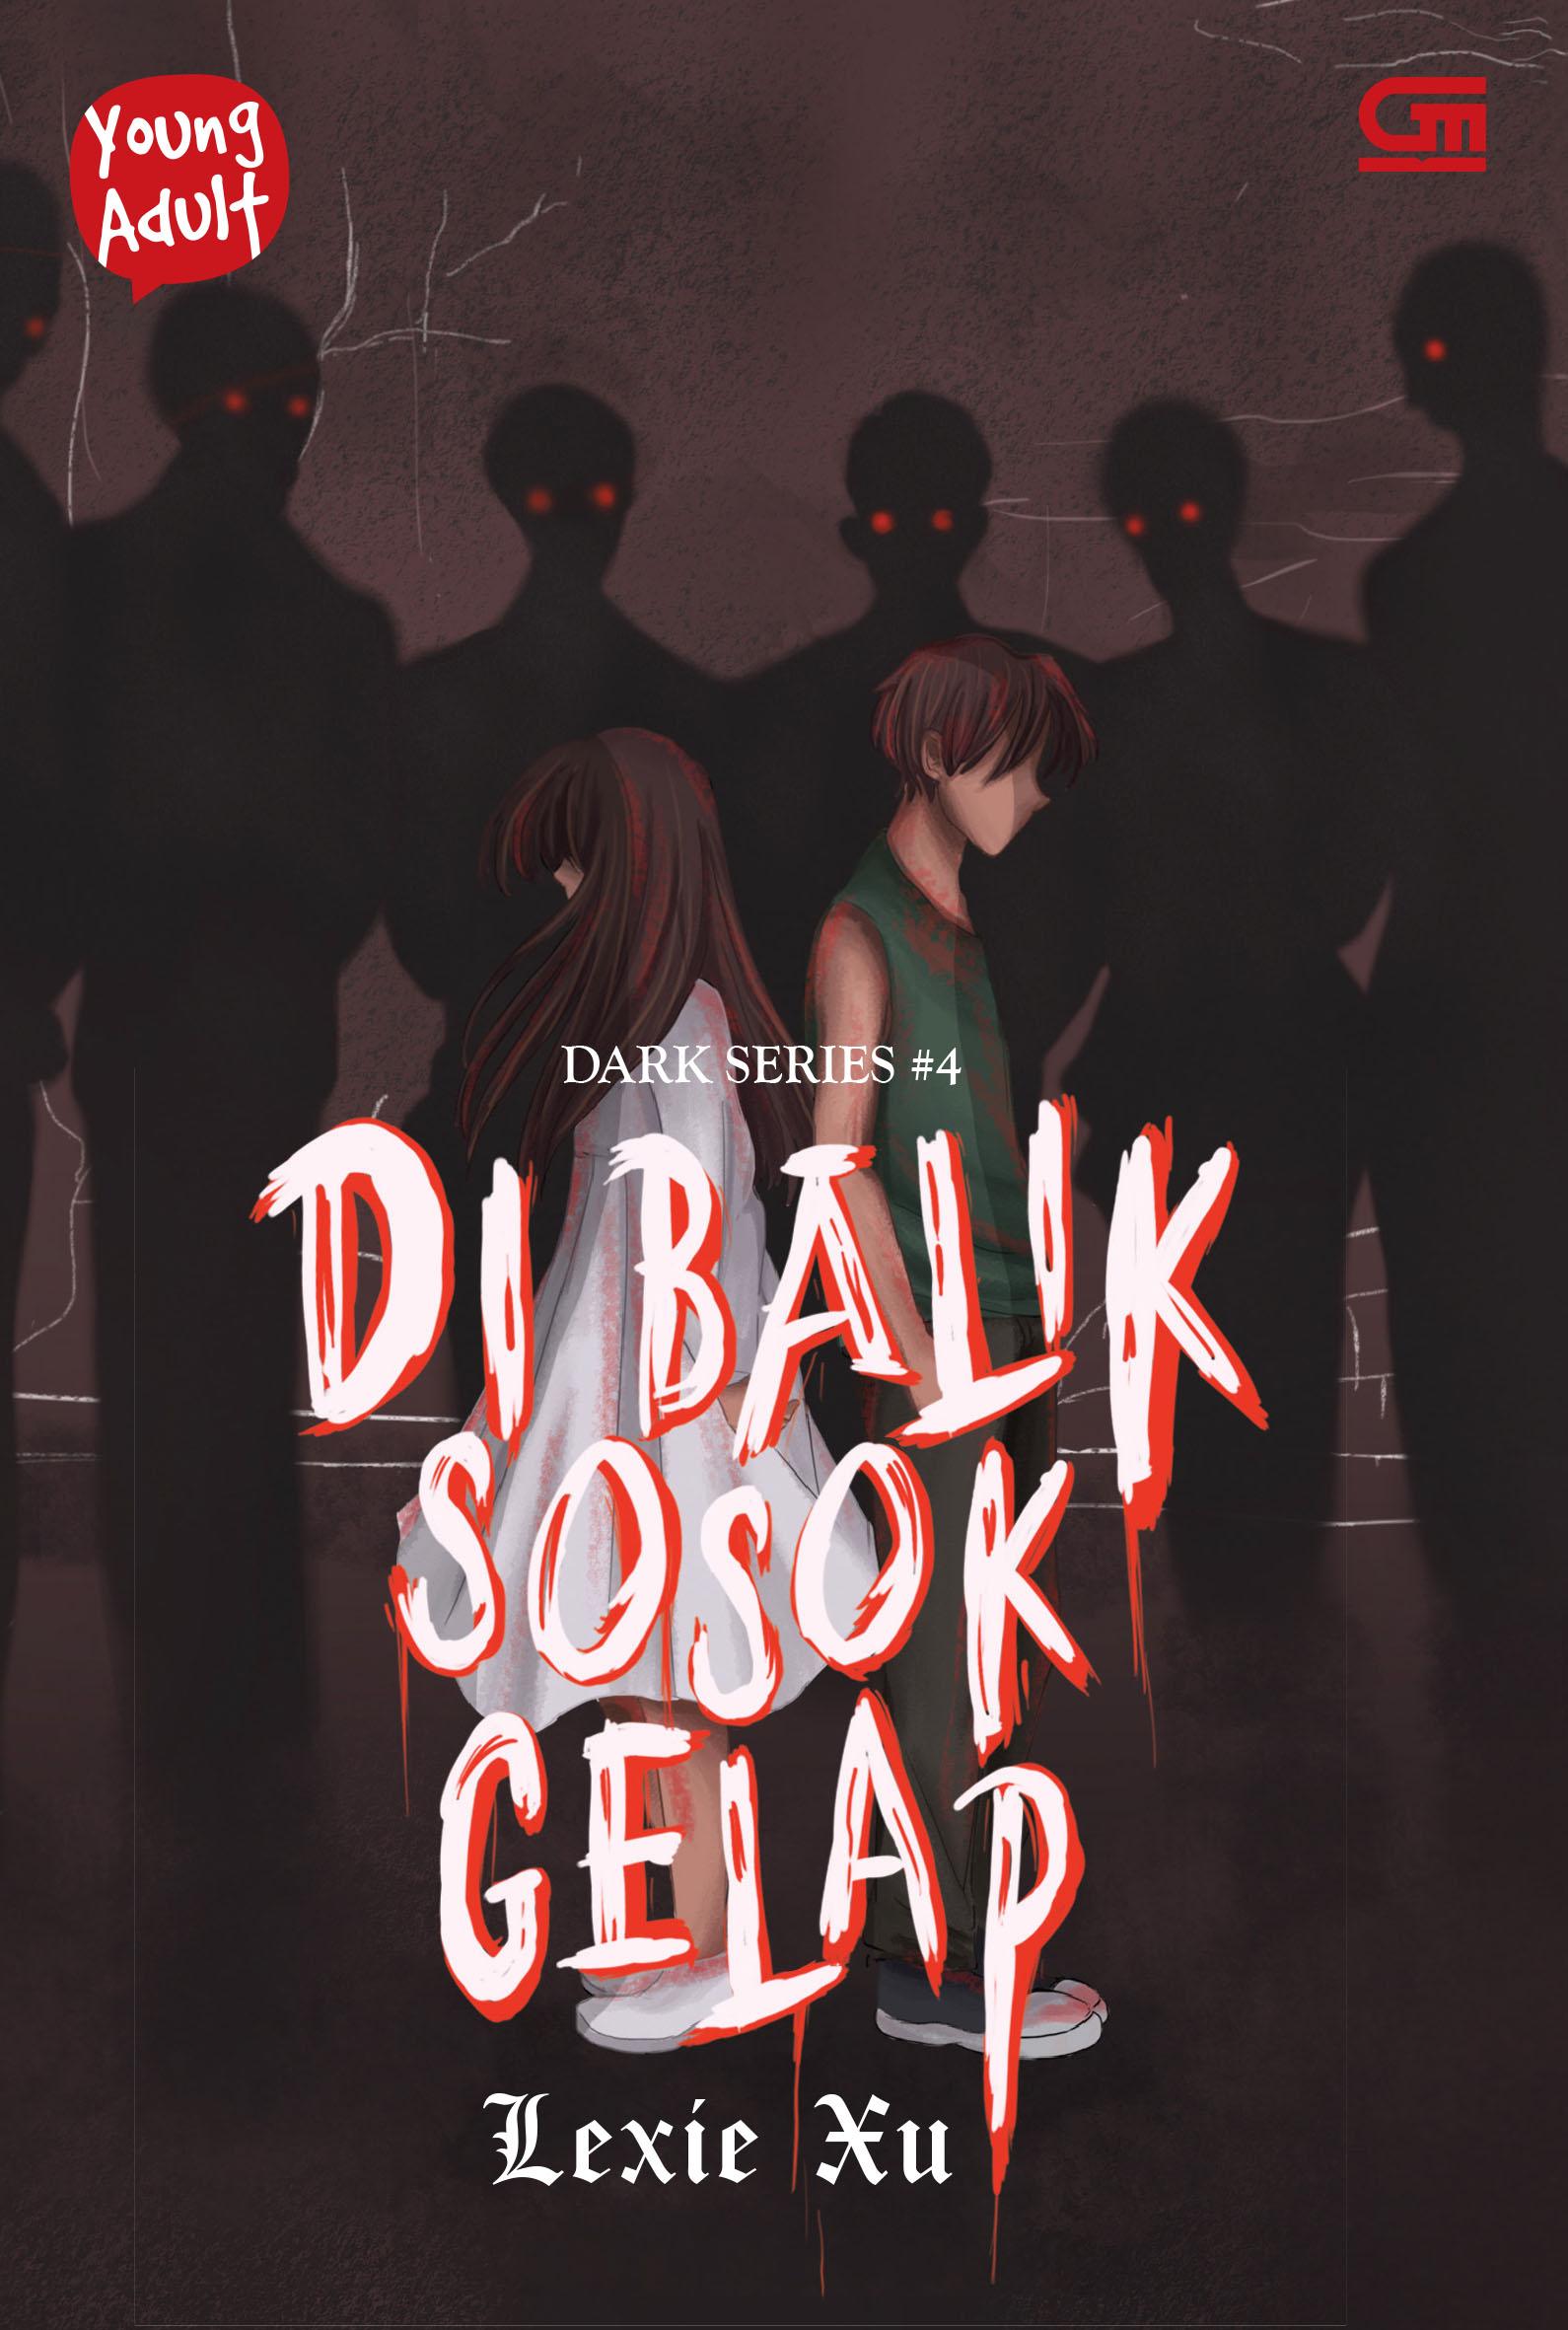 Young Adult: Dark Series #4: Di Balik Sosok Gelap